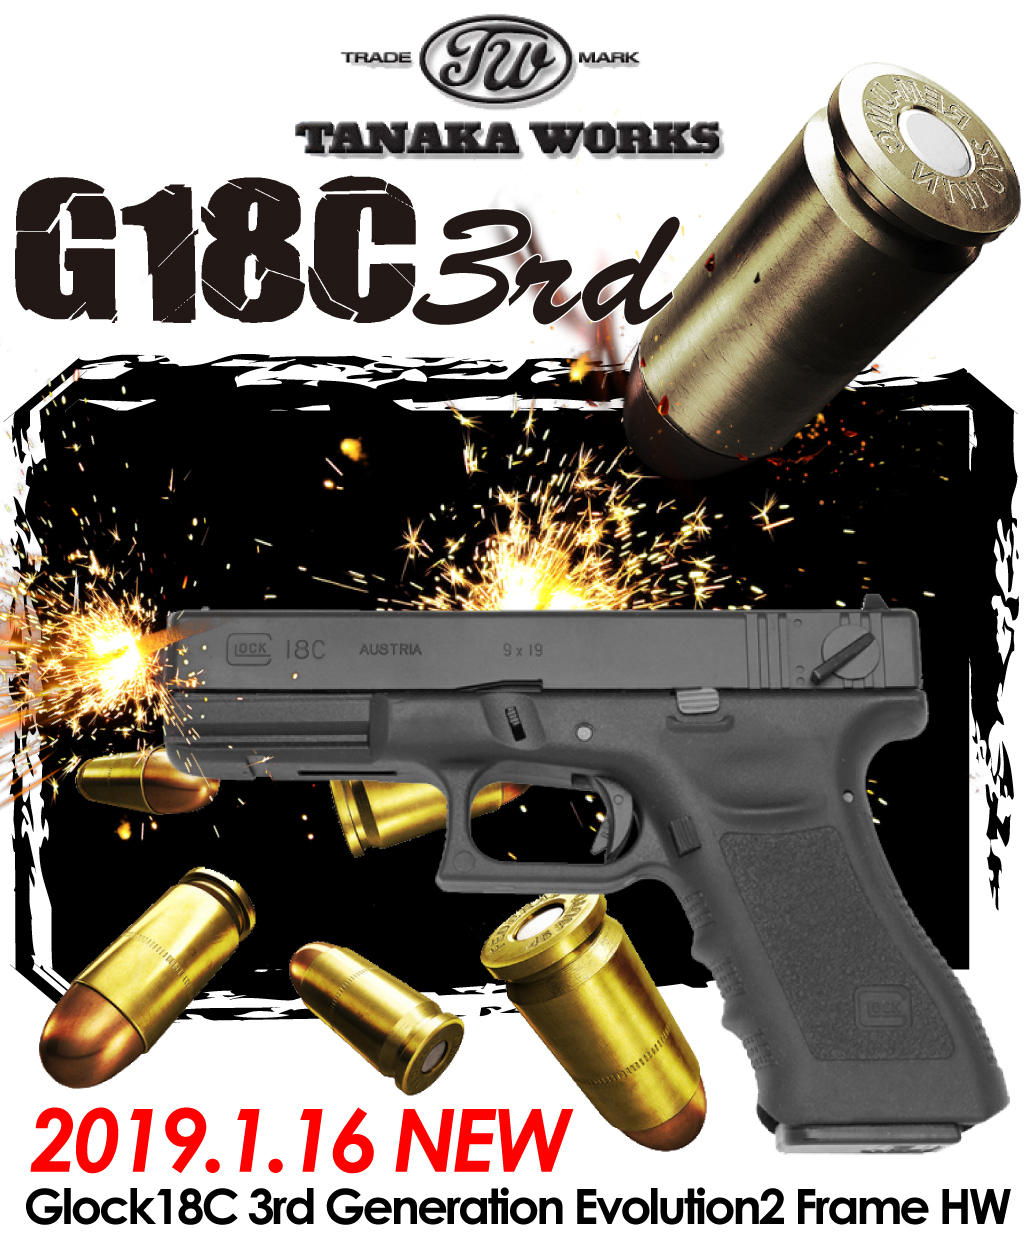 HILOG 1月16日入荷 発売 予約 Glock Tanaka Evolution、Evolution2カートリッジ JAN 4537212008648 タナカワークス グロック 18C 3rd フレーム Evolution 2 HW 発火式 モデルガン 完成品 最安値 価格 在庫 安い あすつく Amazon 楽天 ヤフー ヤフオク